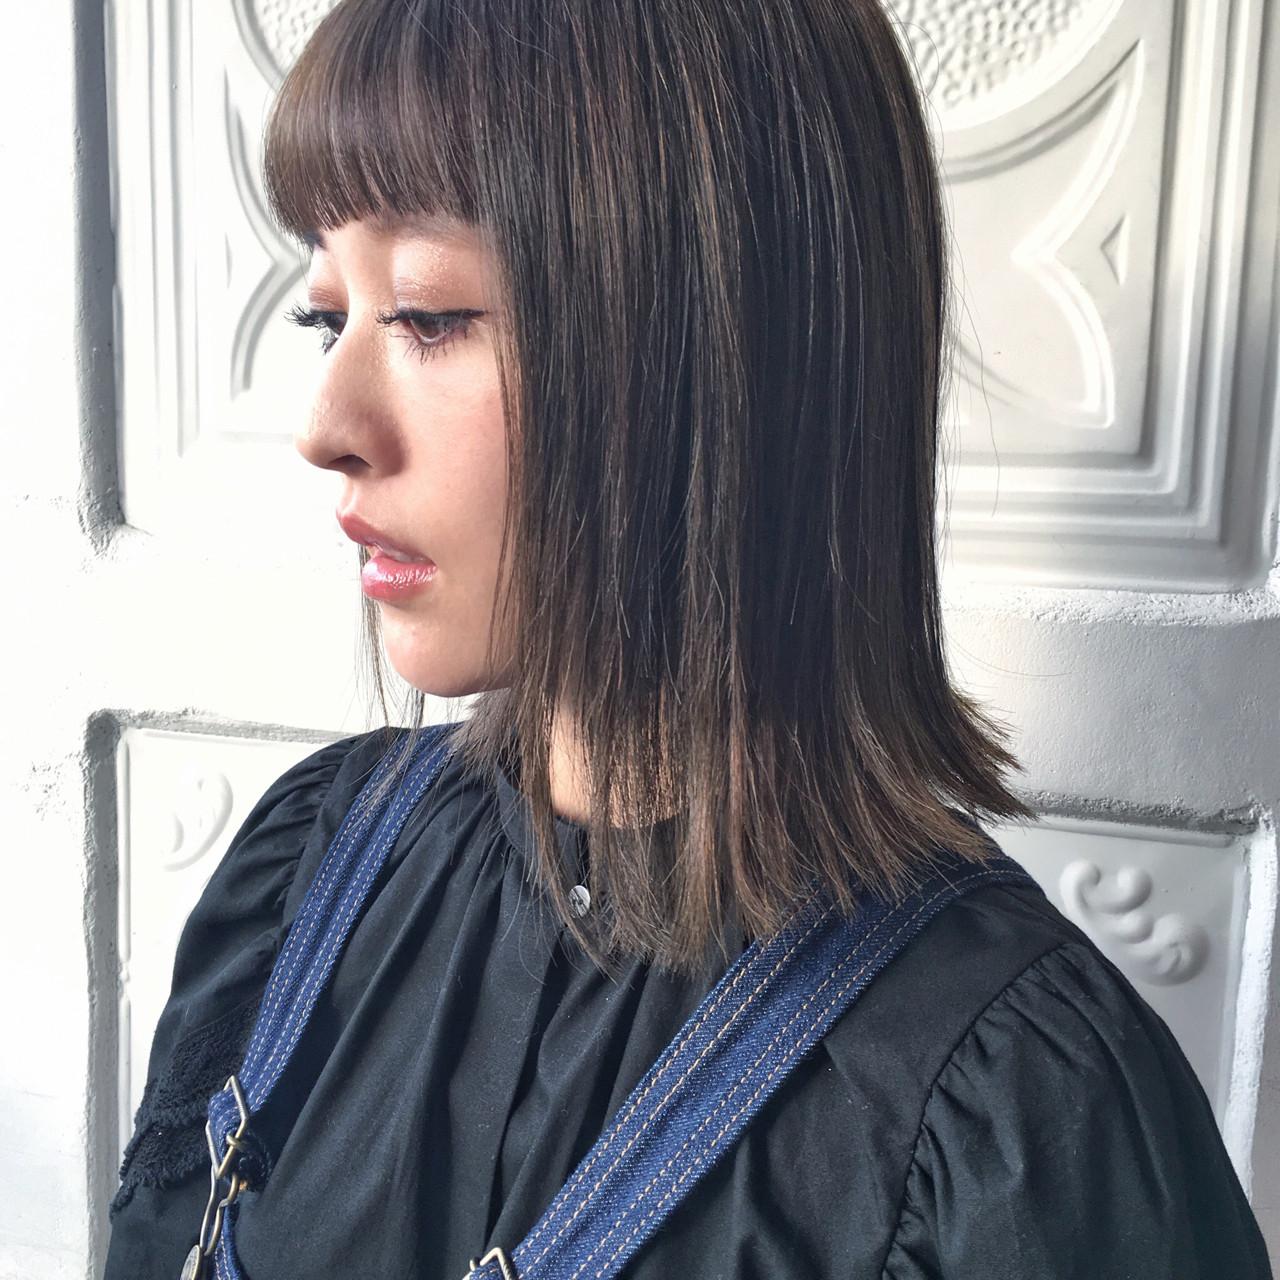 ミディアム アッシュグレージュ ロブ ストレート ヘアスタイルや髪型の写真・画像 | 今野佑哉 / GARDEN Tokyo